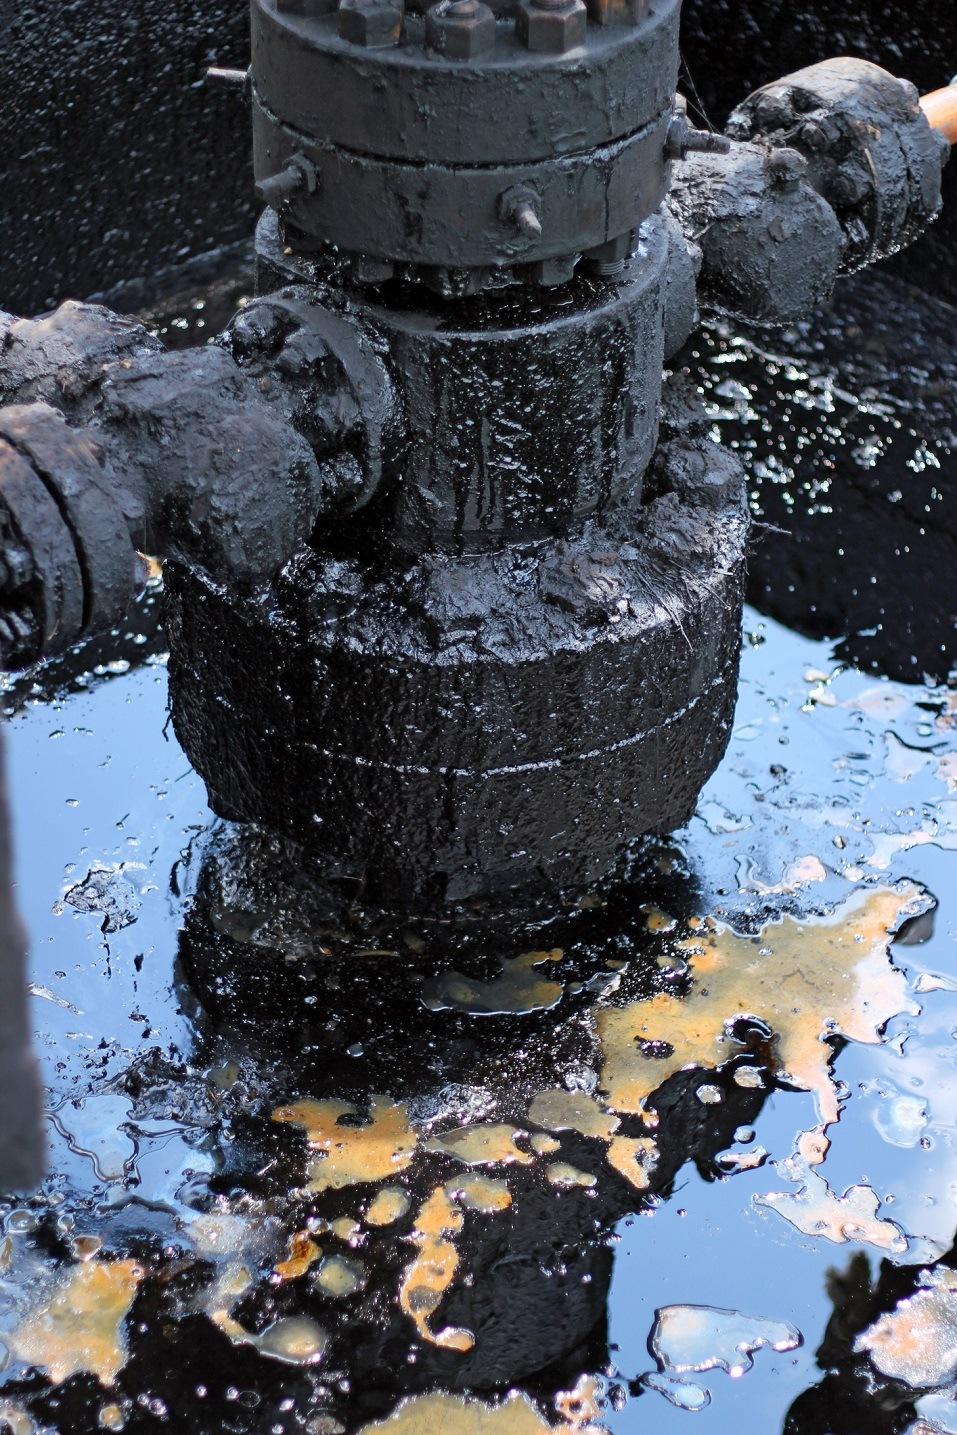 Crude oil spills around oil field